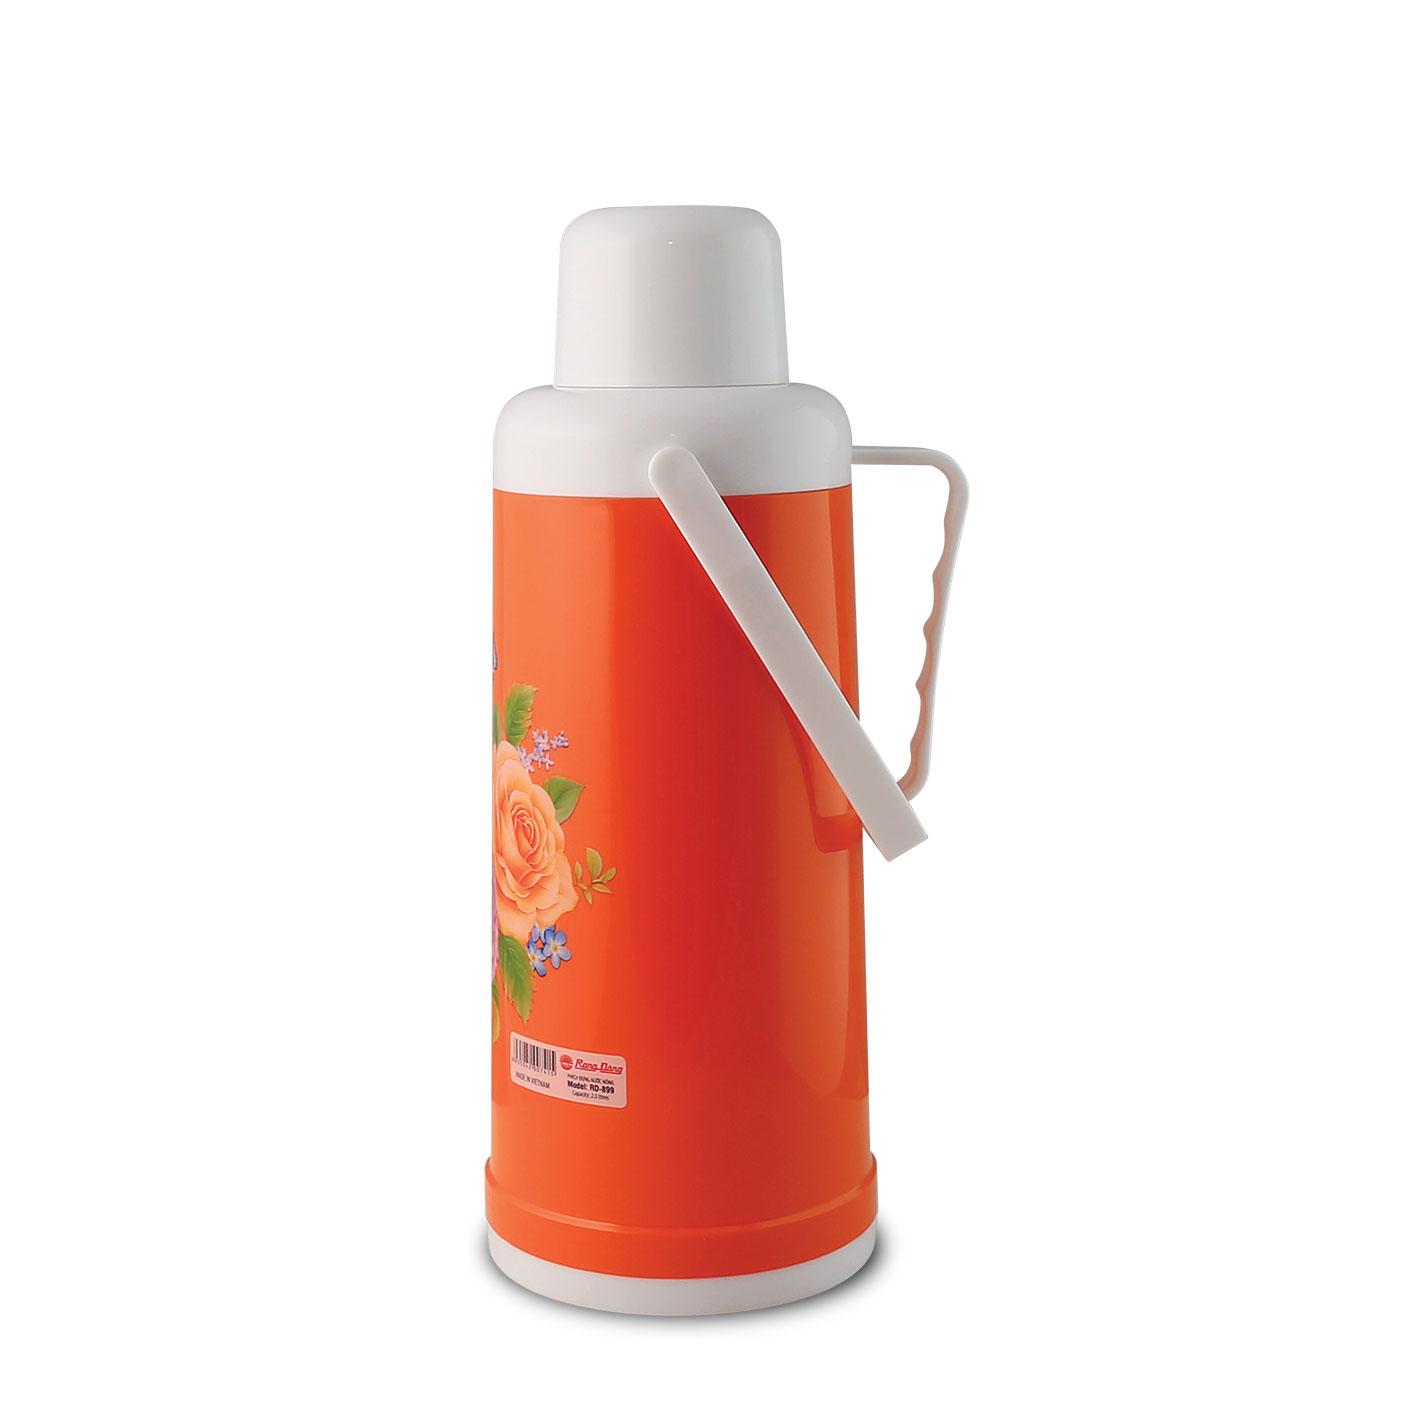 Phích đựng nước nóng cao cấp Rạng Đông model: RD2035N3 (899)- Chính hãng, thân nhựa, vai nhựa, dung tích 2 lít